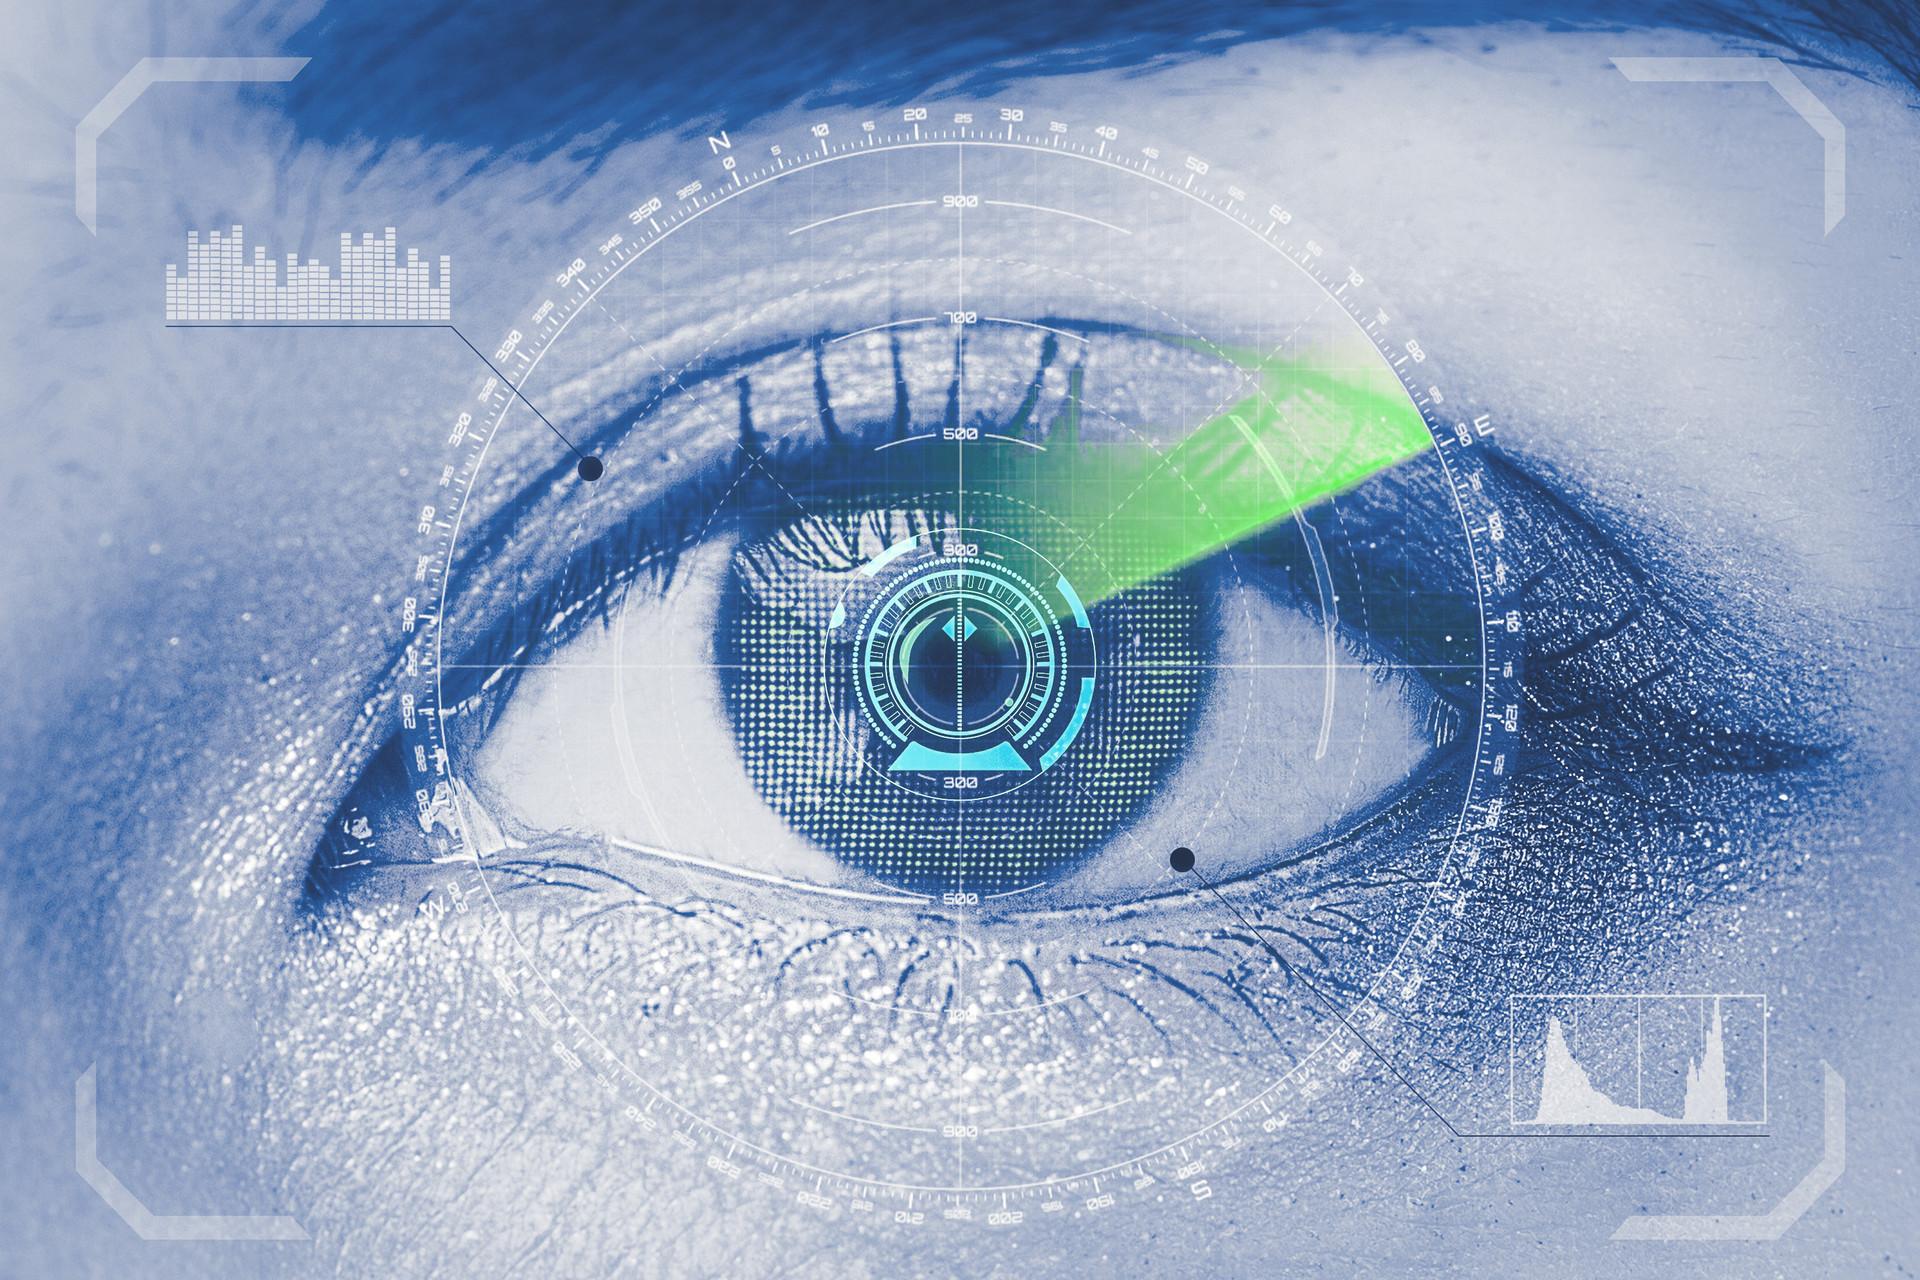 多重应用需求爆发,全球 MEMS 和 传感器厂产能提升